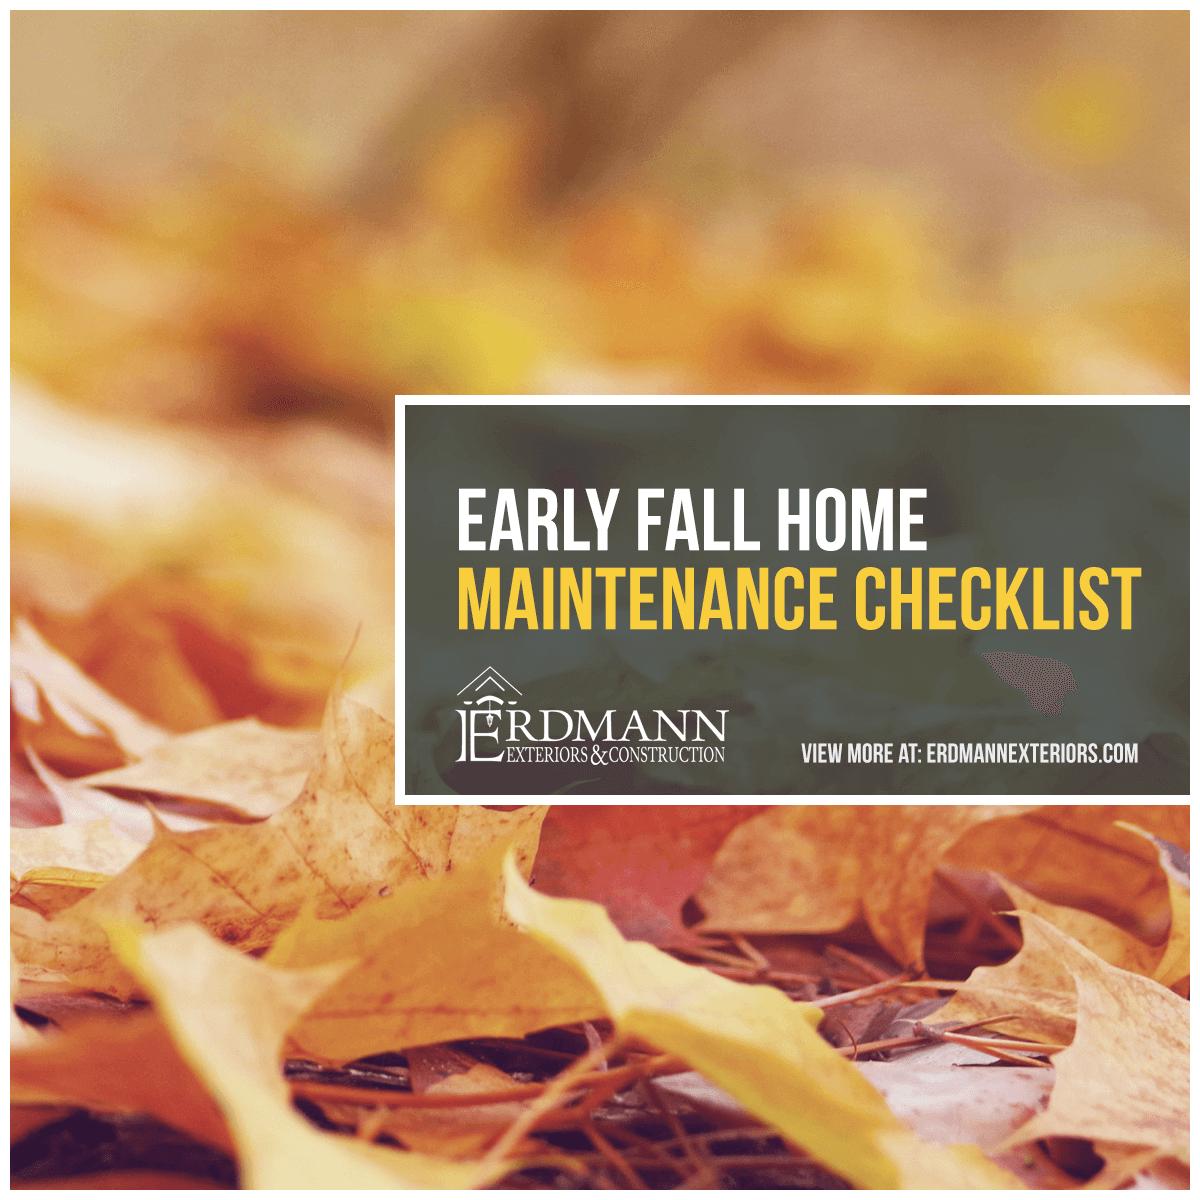 Early Fall Home Maintenance Checklist Erdmann Exteriors